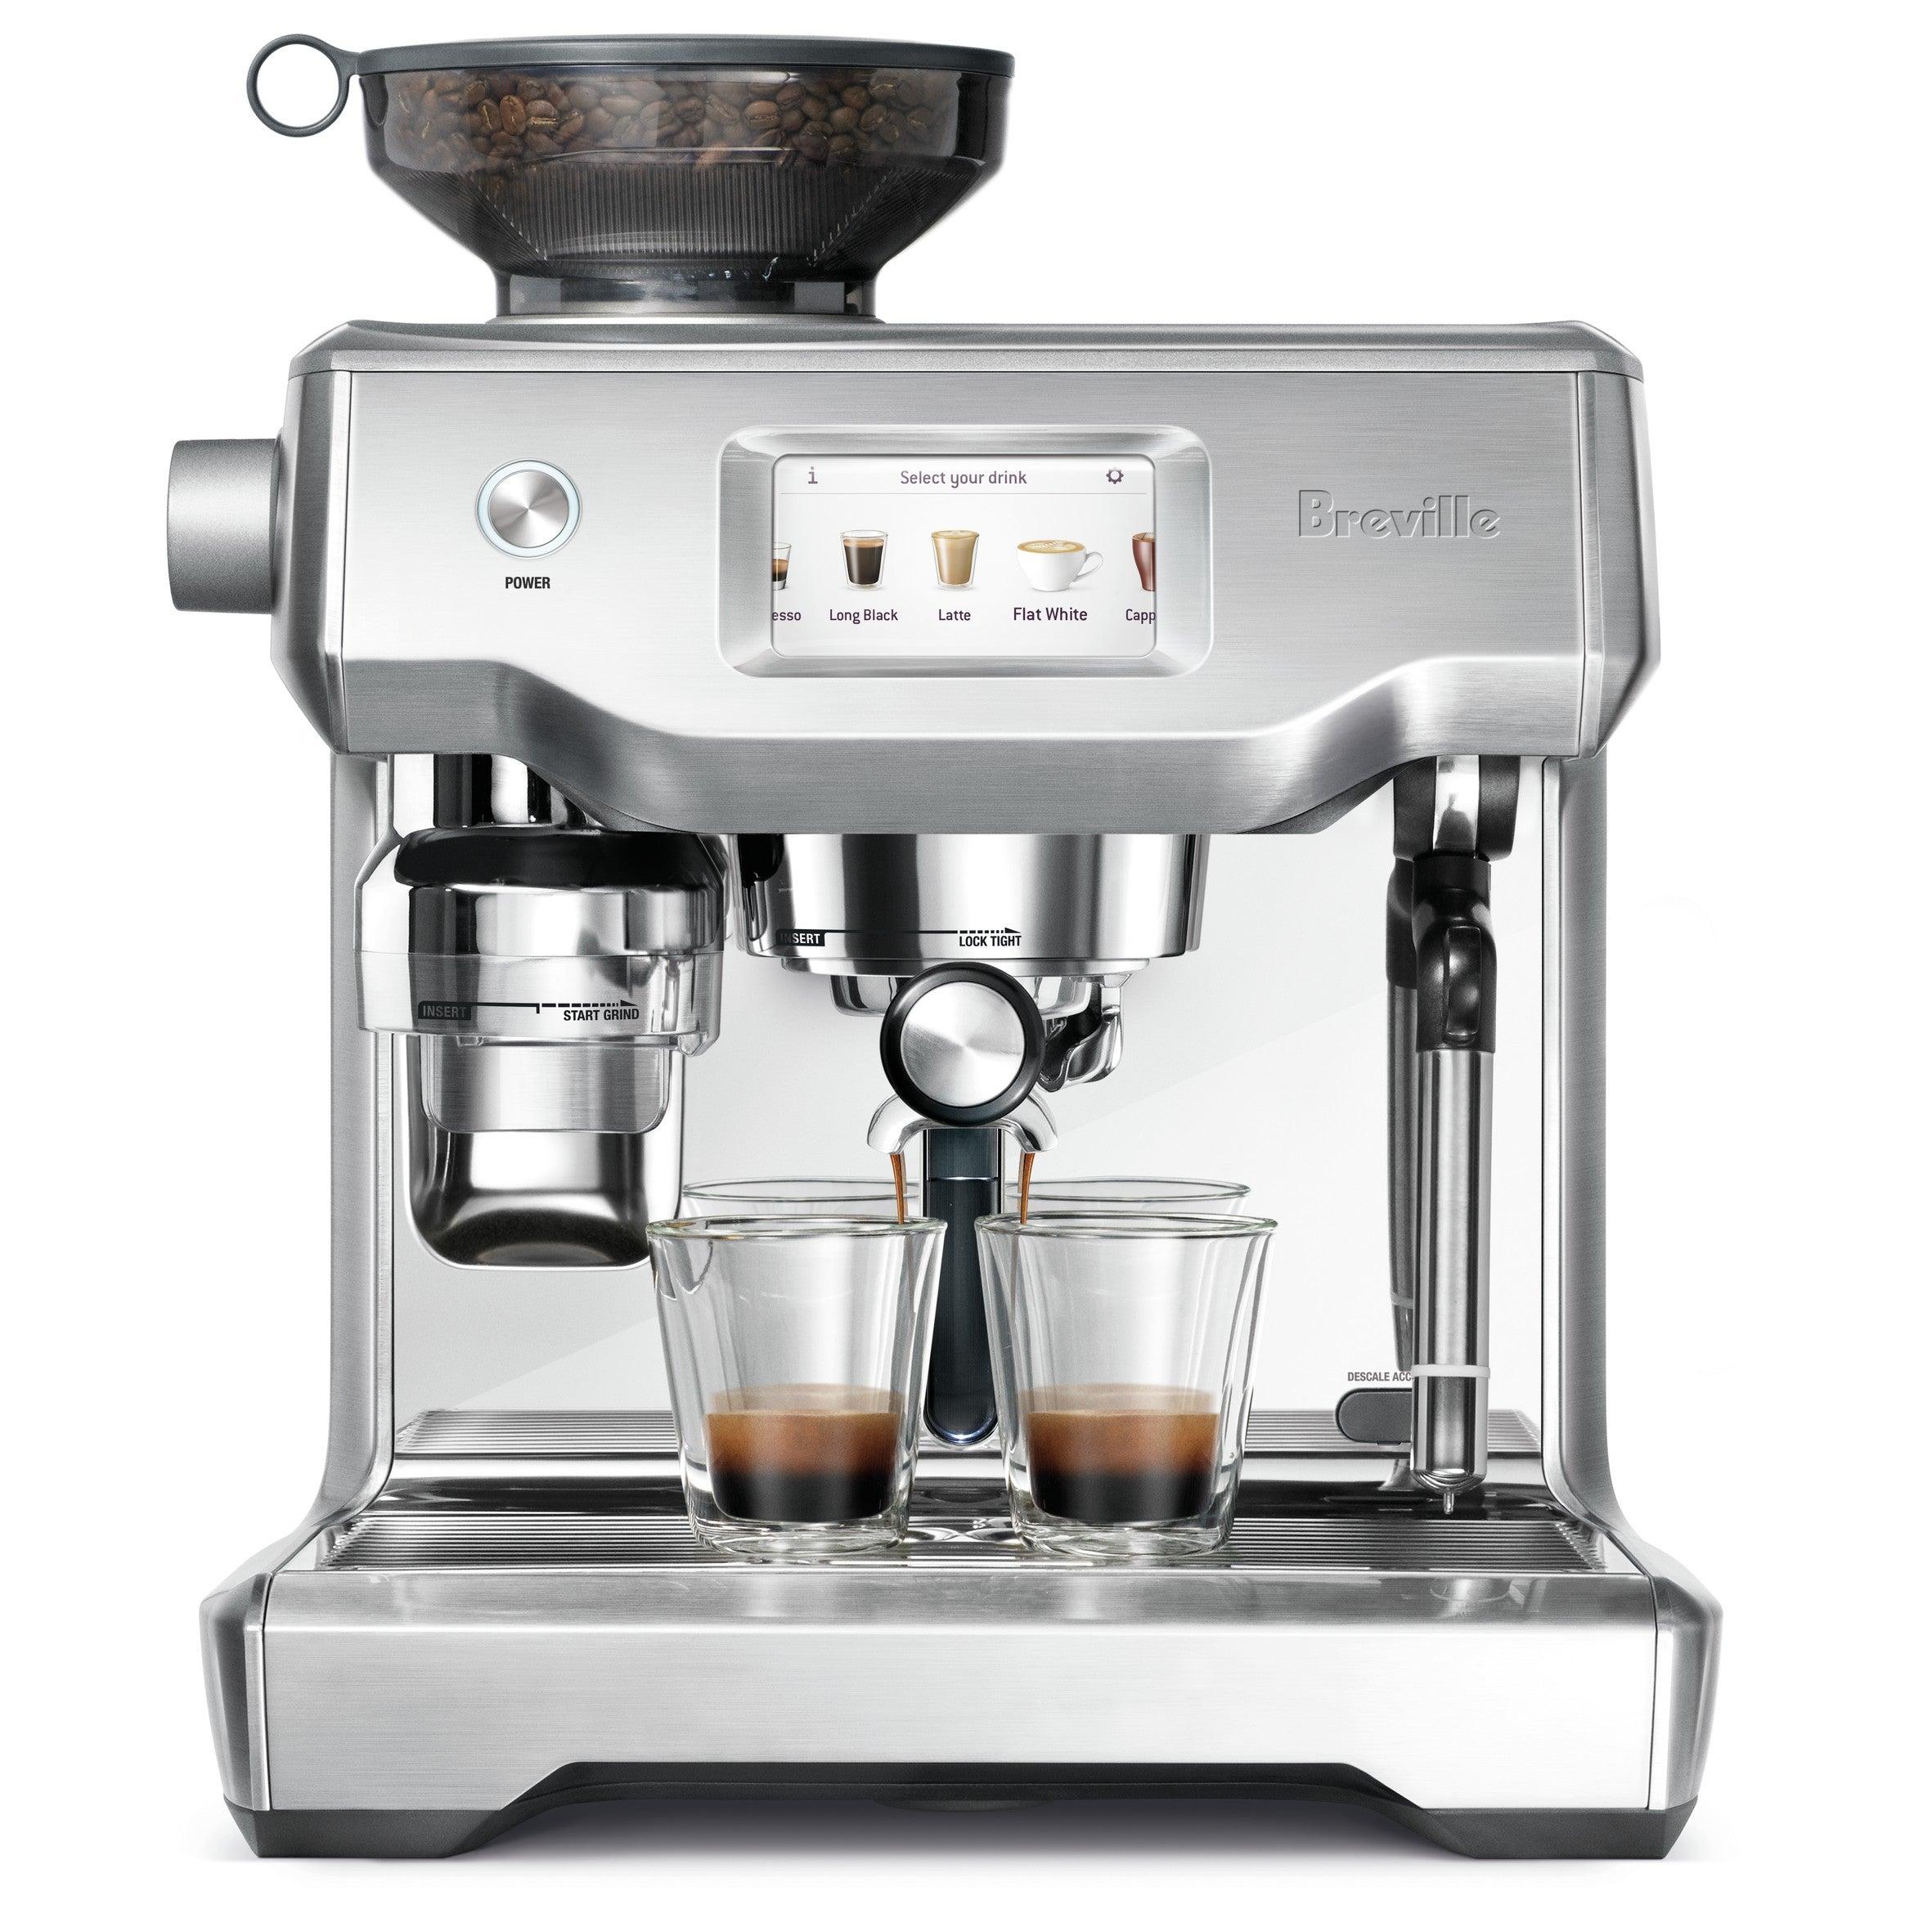 Breville BES990BSS Coffee Maker